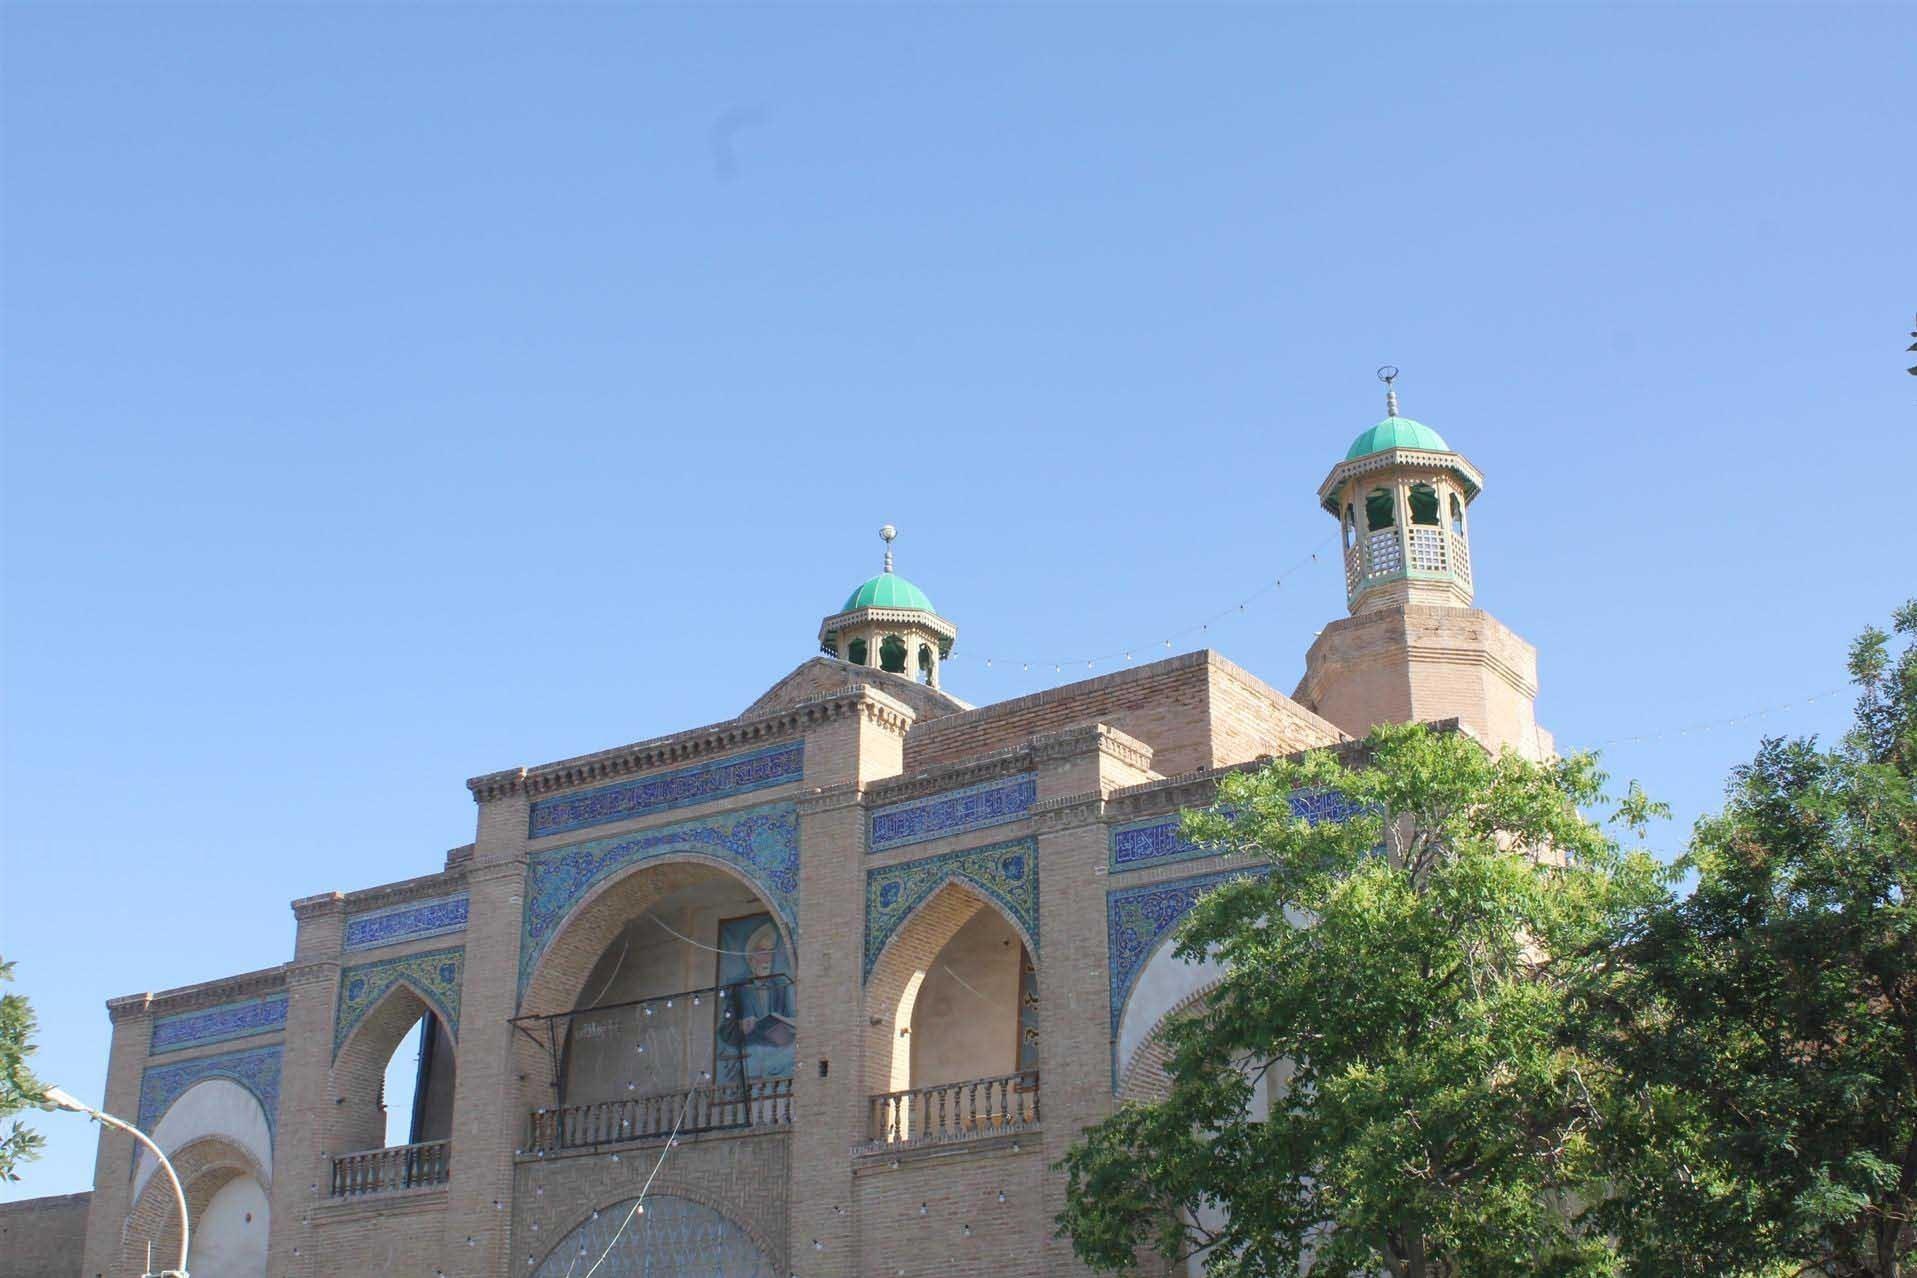 اقدام نیک هنرمند سبزواری در ساخت رایگان درهای چوبی معرق مسجد جامع سبزوار